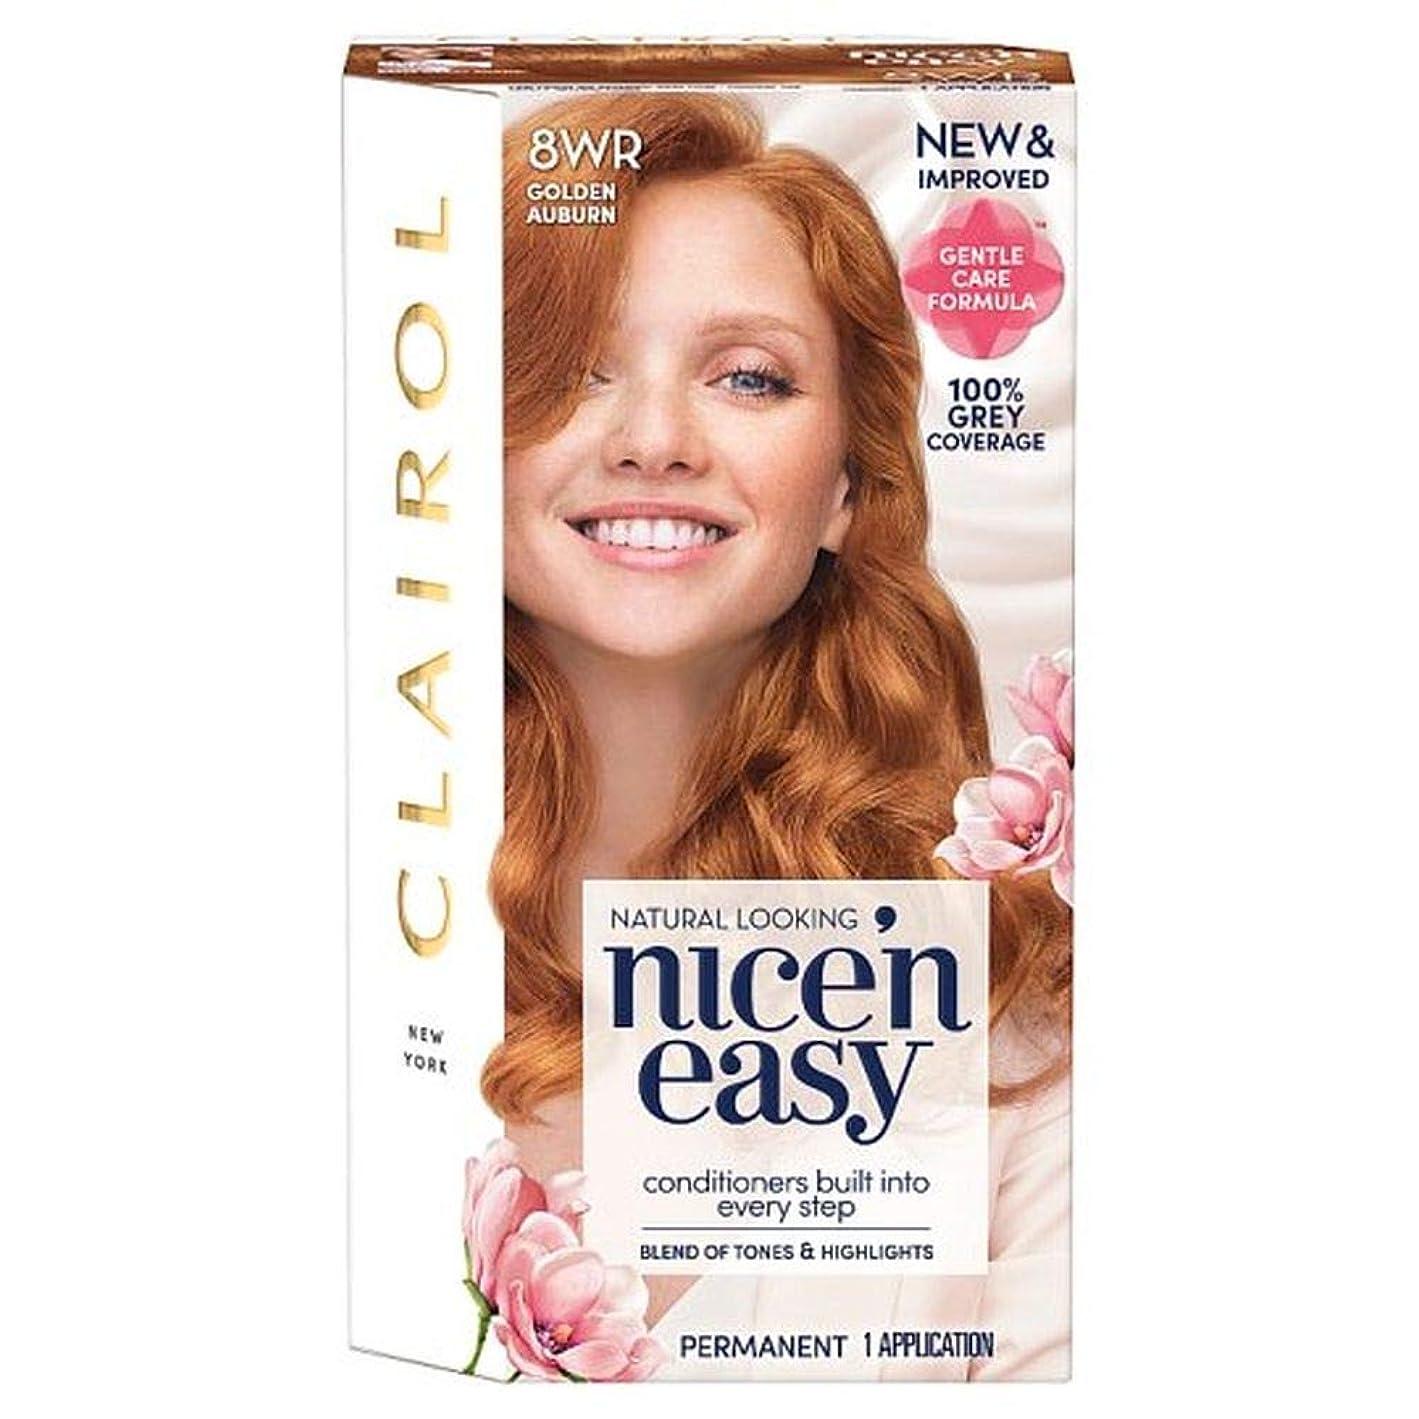 フォーカス毛皮正しく[Nice'n Easy] クレイロール素敵な「N簡単黄金赤褐色8Wr染毛剤 - Clairol Nice 'N Easy Golden Auburn 8Wr Hair Dye [並行輸入品]